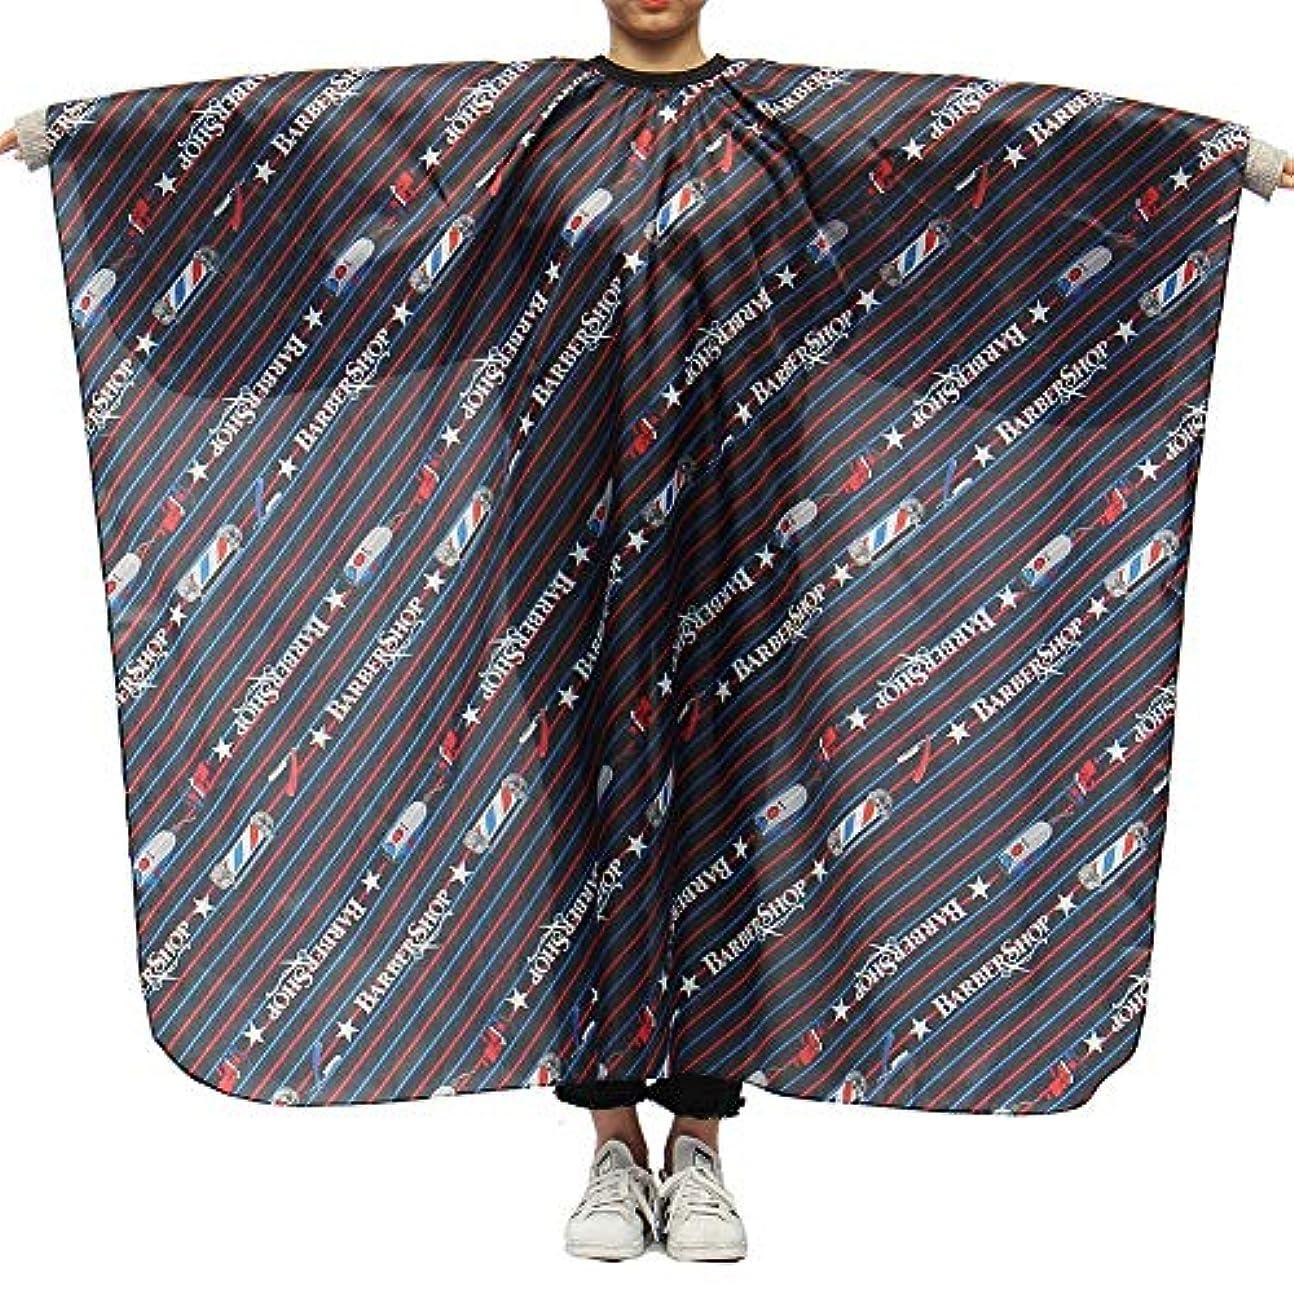 どうやら心のこもったハンディLing(リンー)-ビューティー 理髪ケープ 理髪布 店用 家庭用 通気性 滑らか ポリエステル製